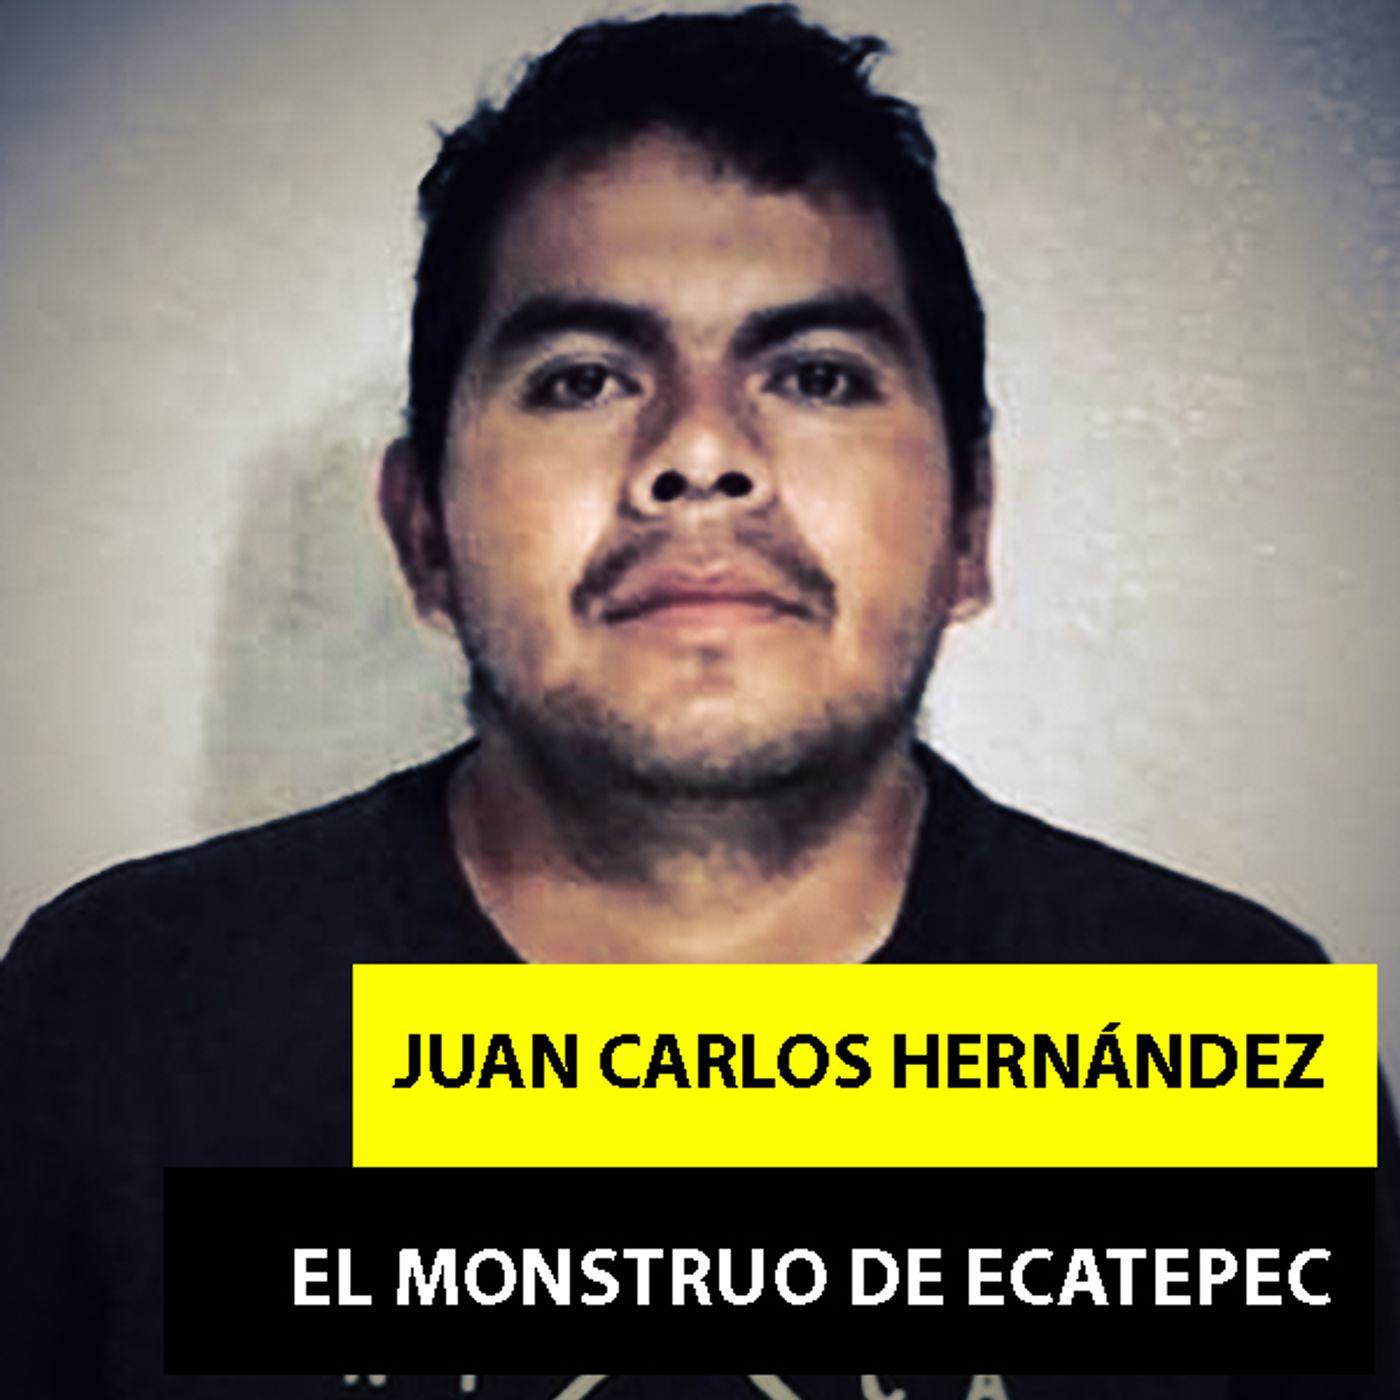 Juan Carlos Hernández   El Infame Monstruo De Ecatepec